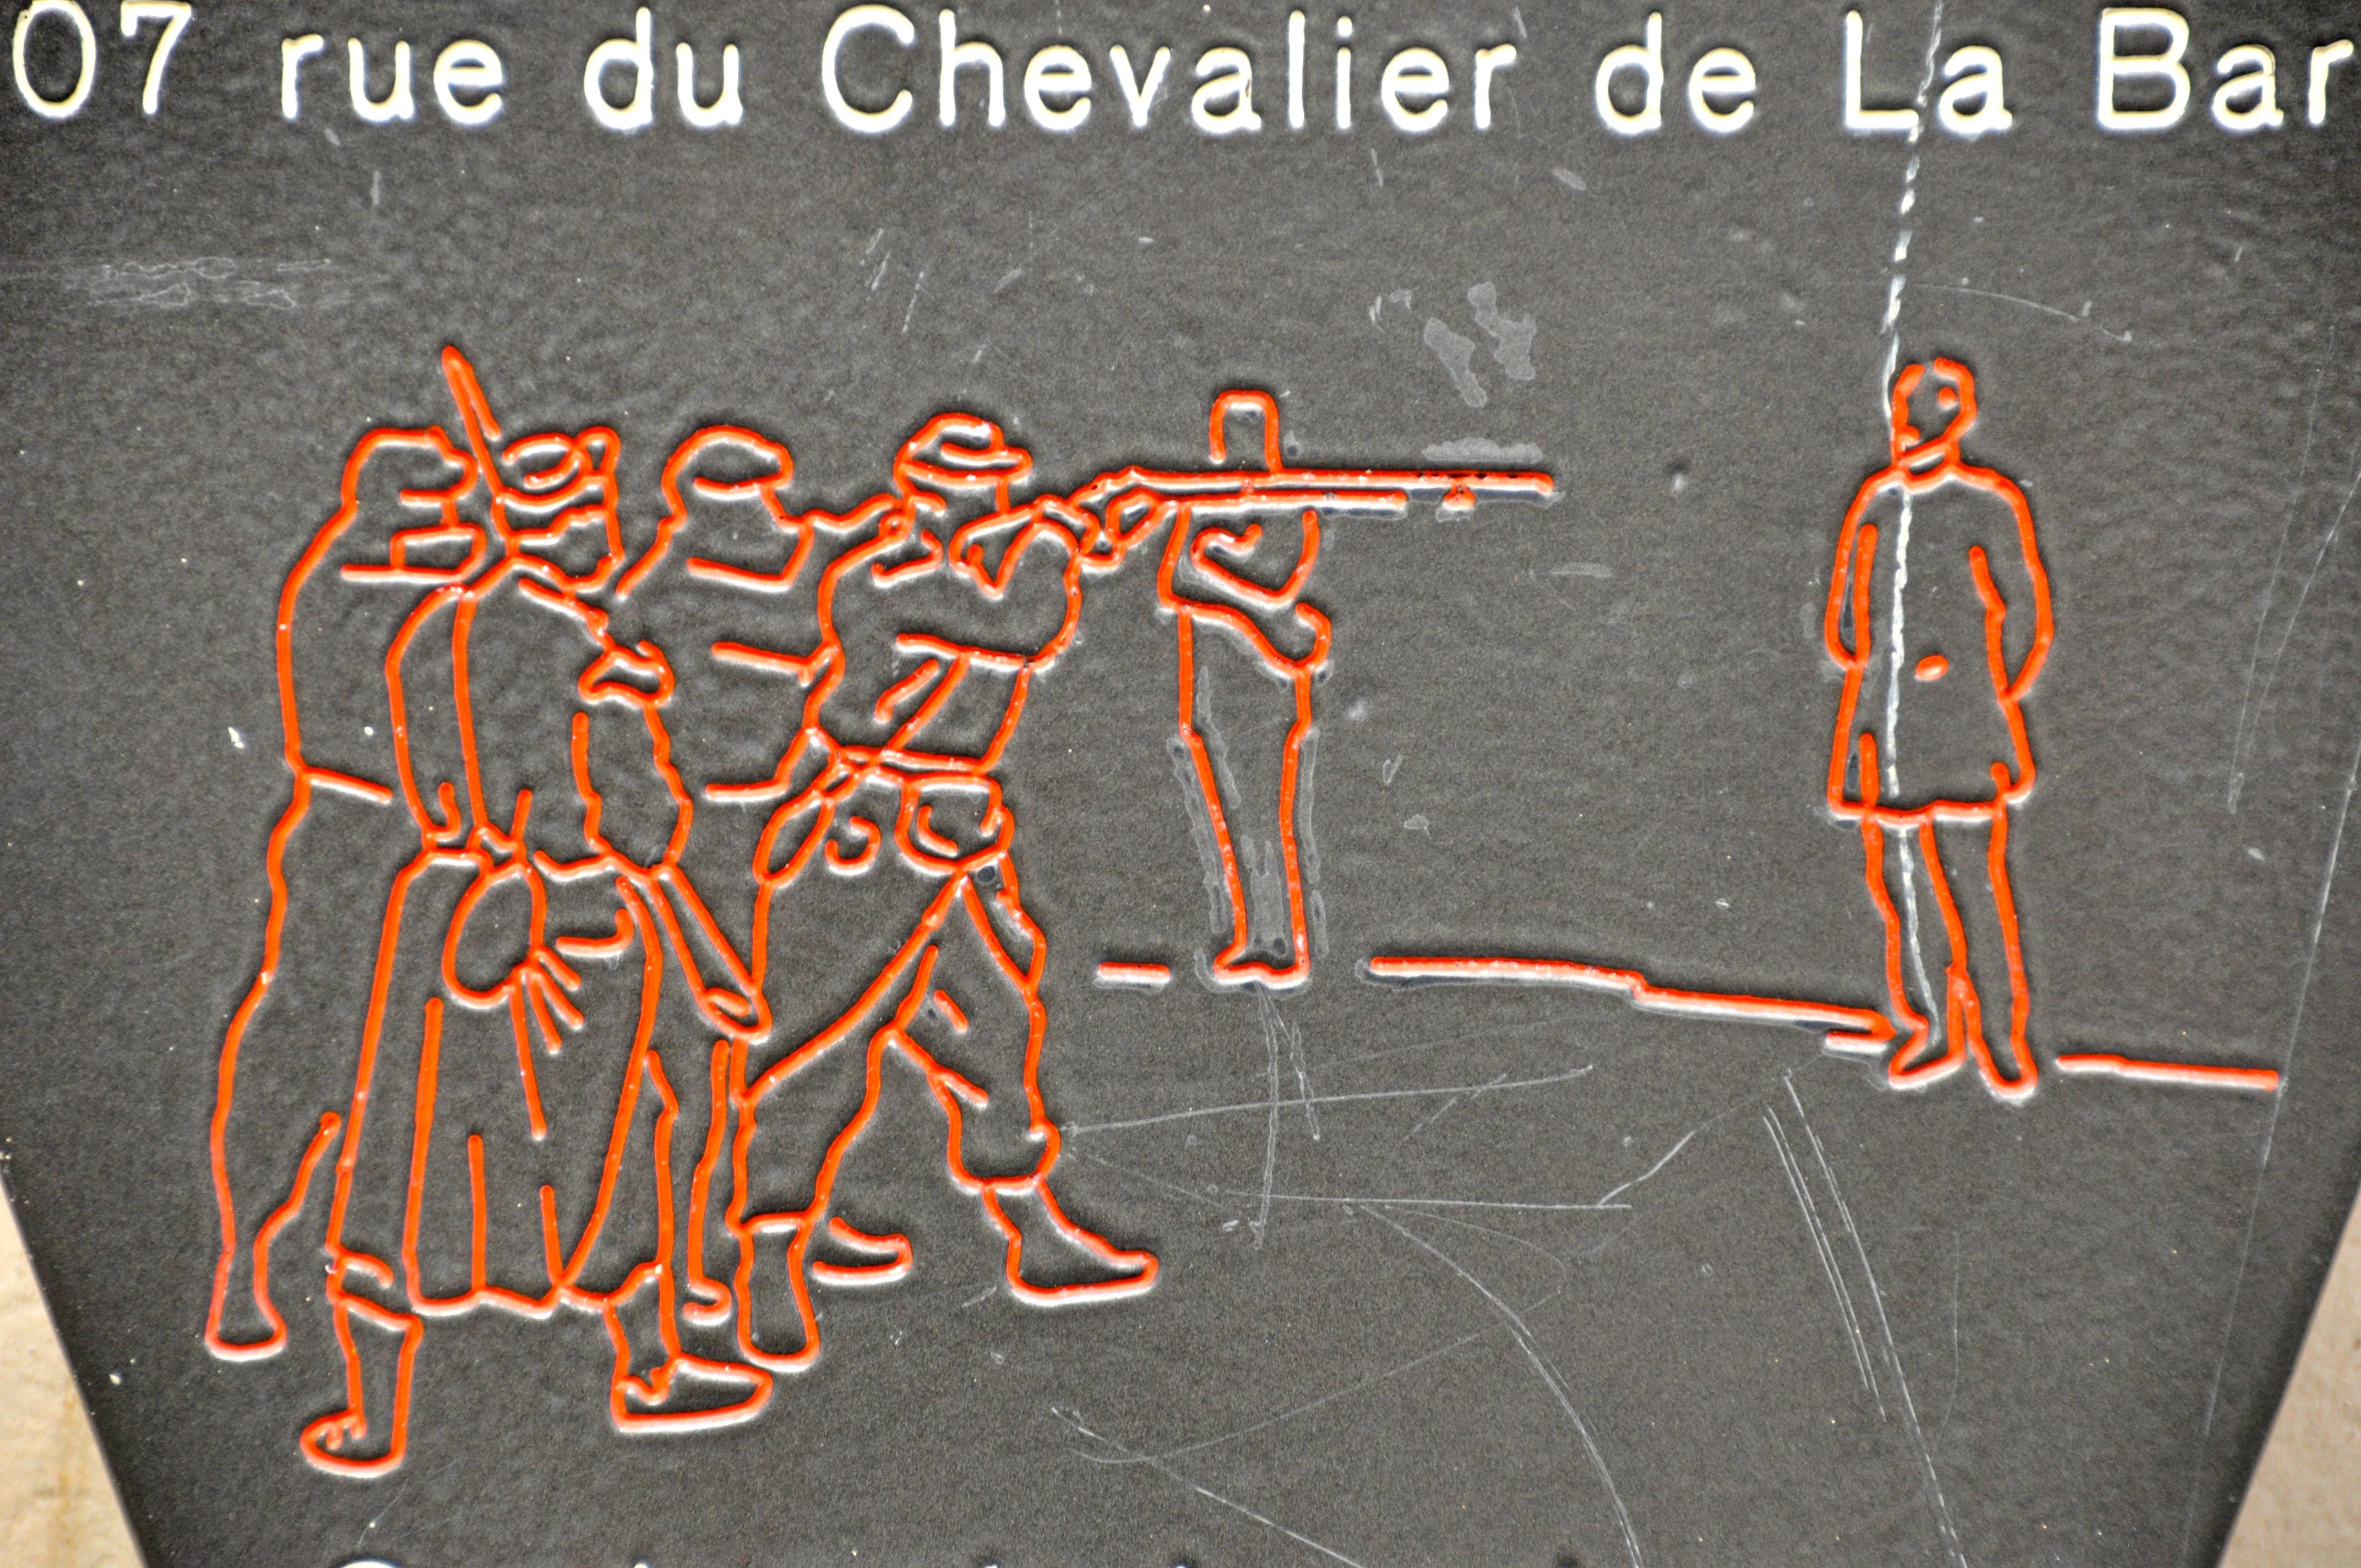 Exécution des généraux Lecomte et Clément-Thomas, le 18 mars 1871, à Montmartre